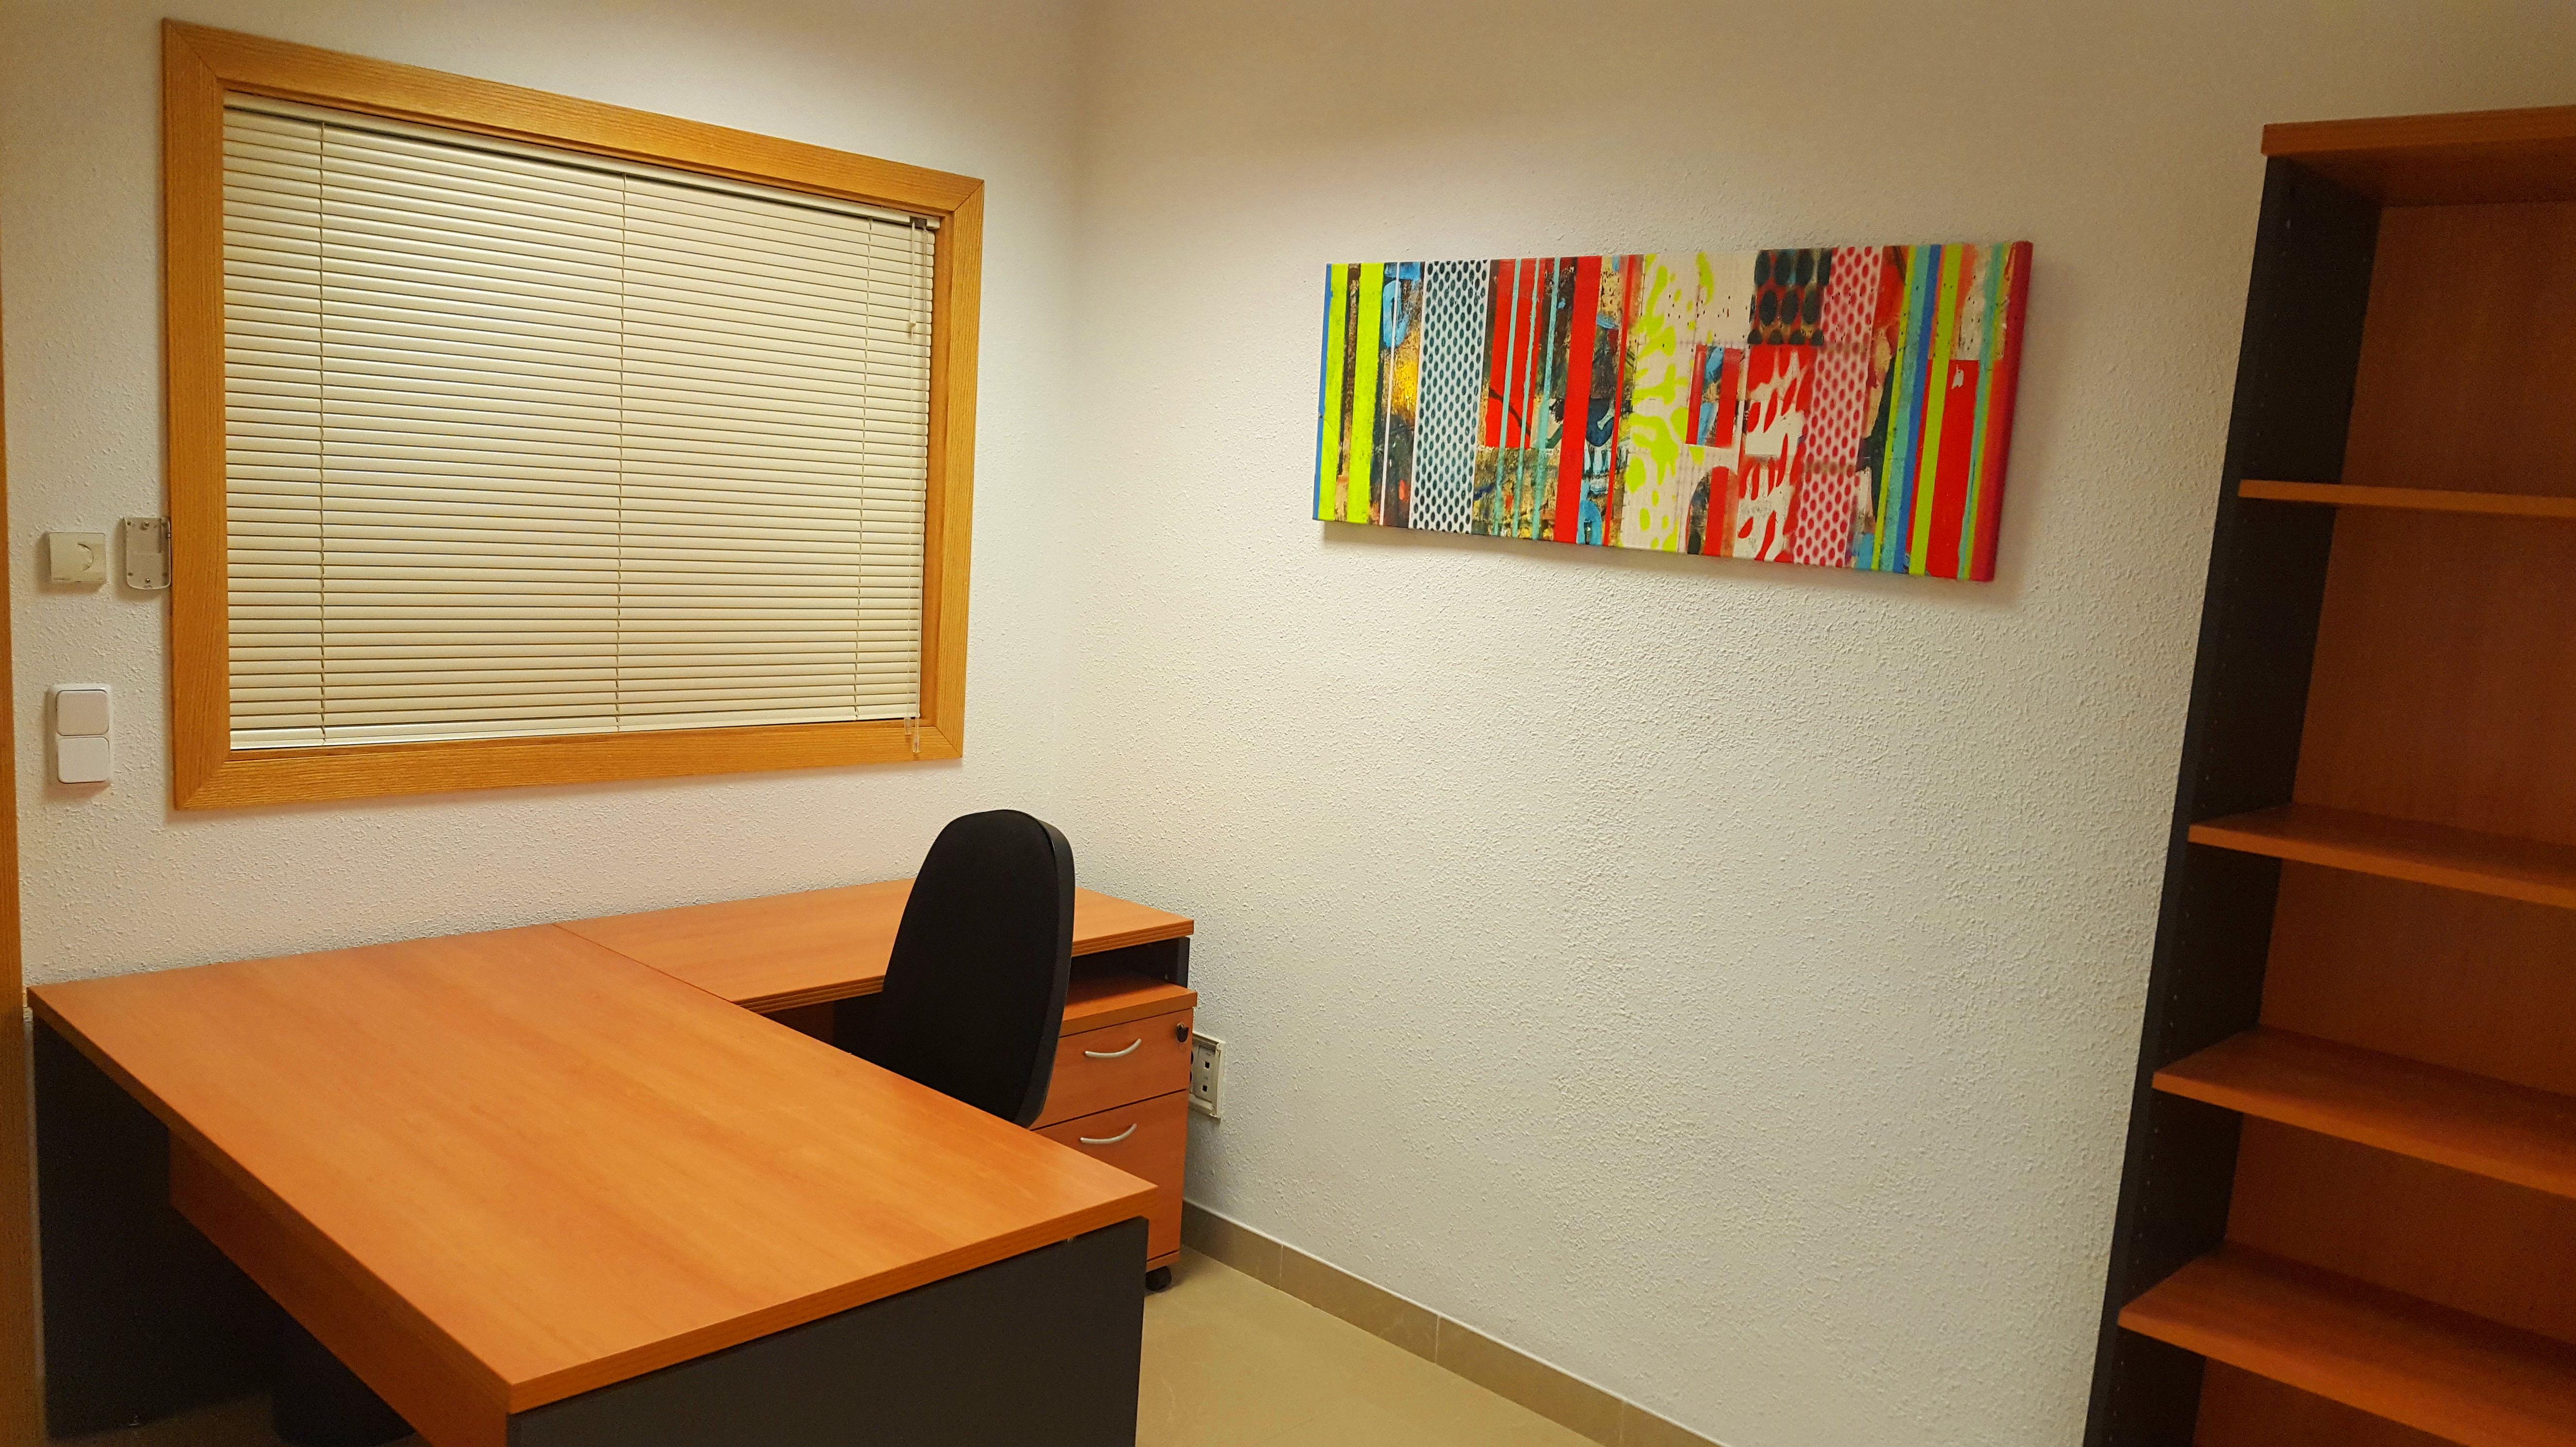 Foto 8 de Alquiler salas totalmente equipadas en Palma de Mallorca | Centro de negocios Son Castelló